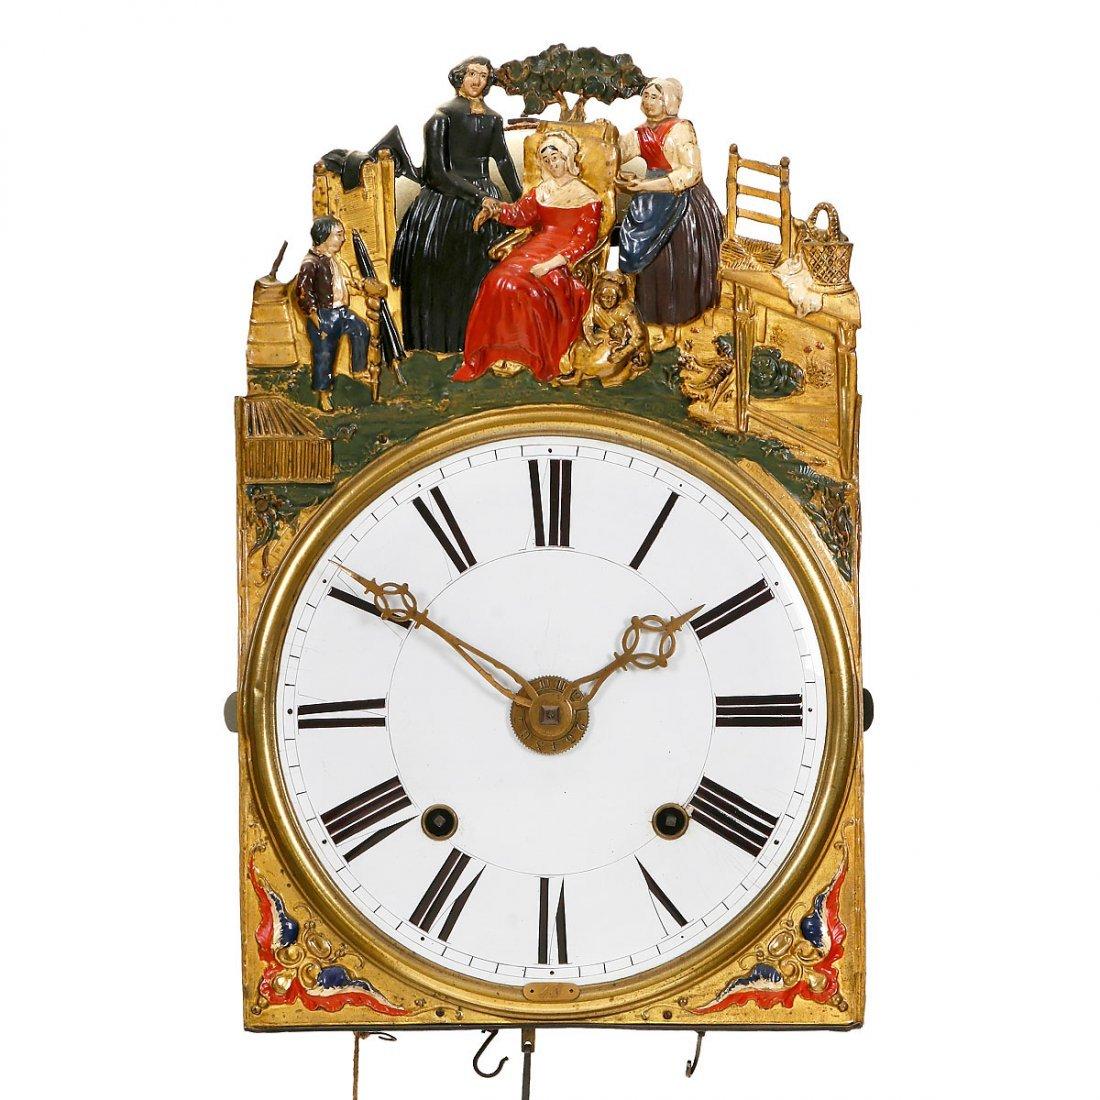 Comtoise with Alarm, c. 1850